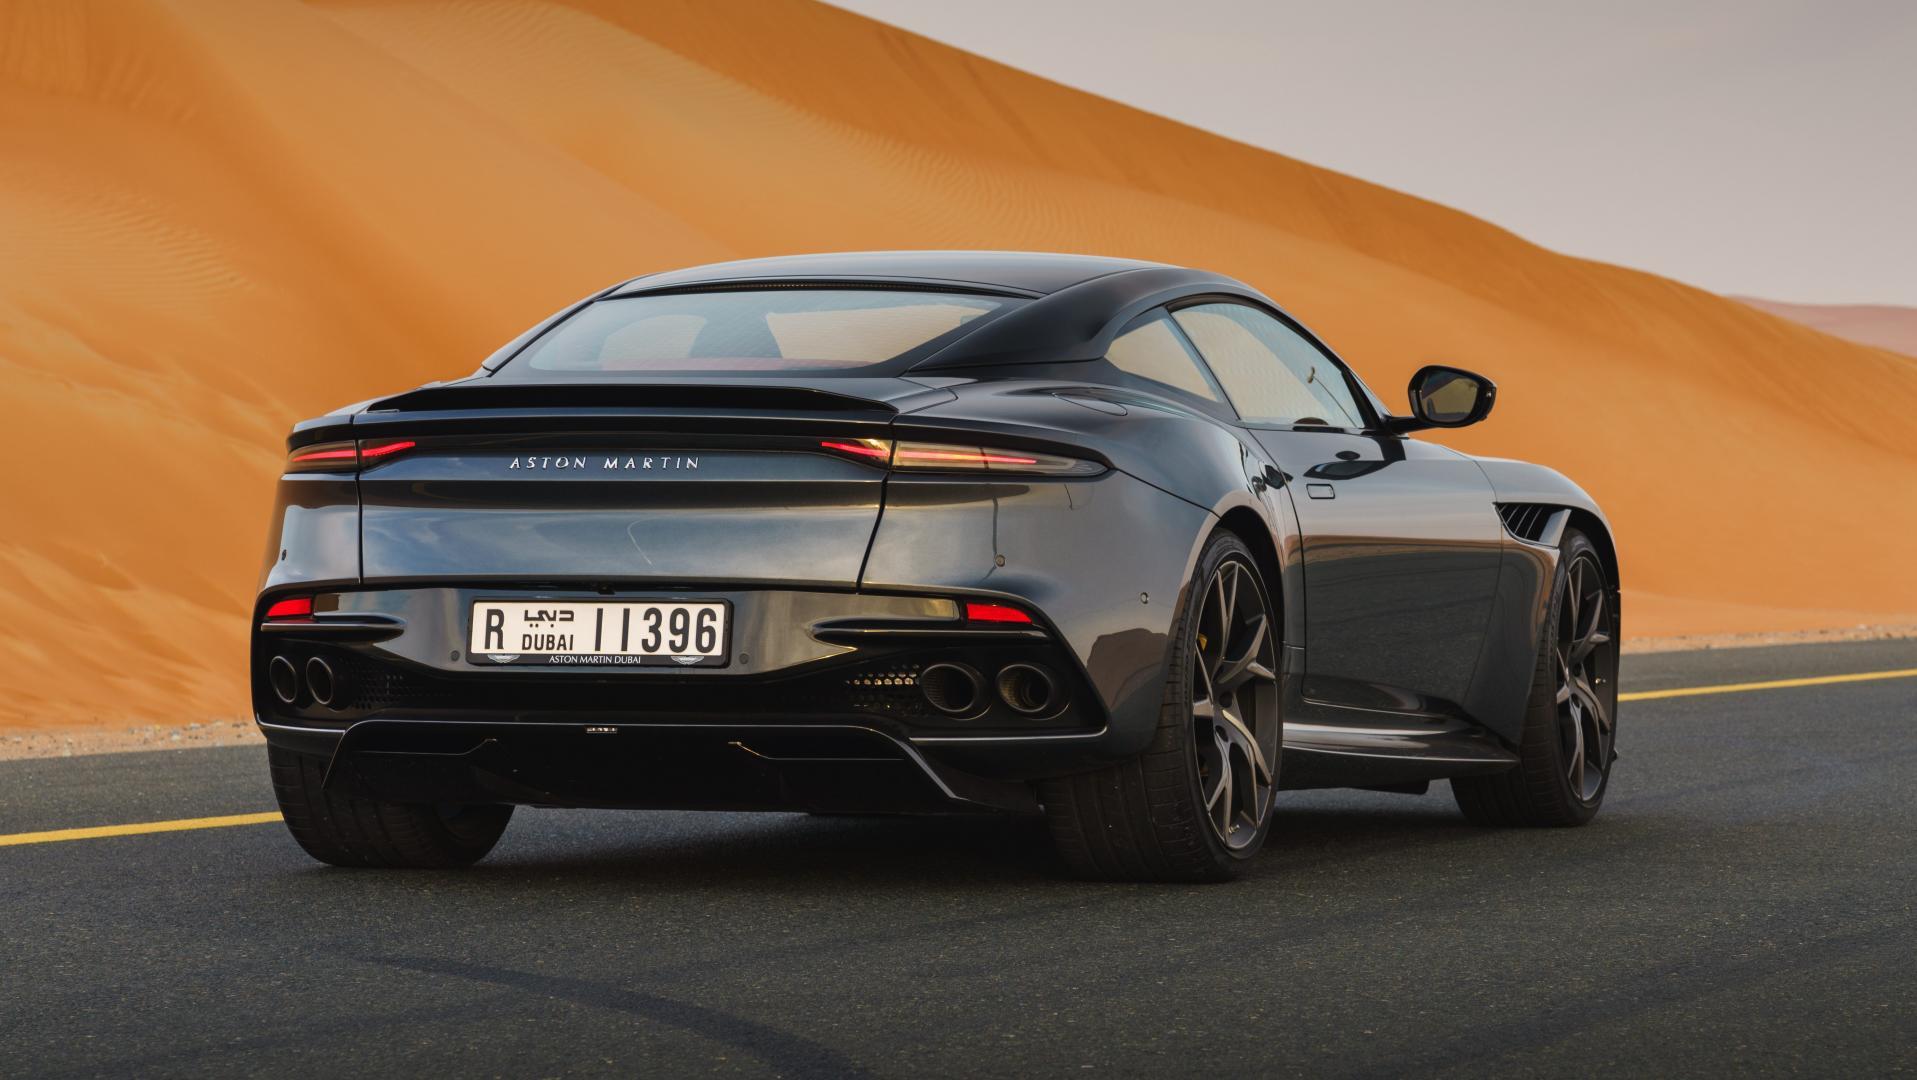 Aston Martin DBS Superlegerra van Max Verstappen